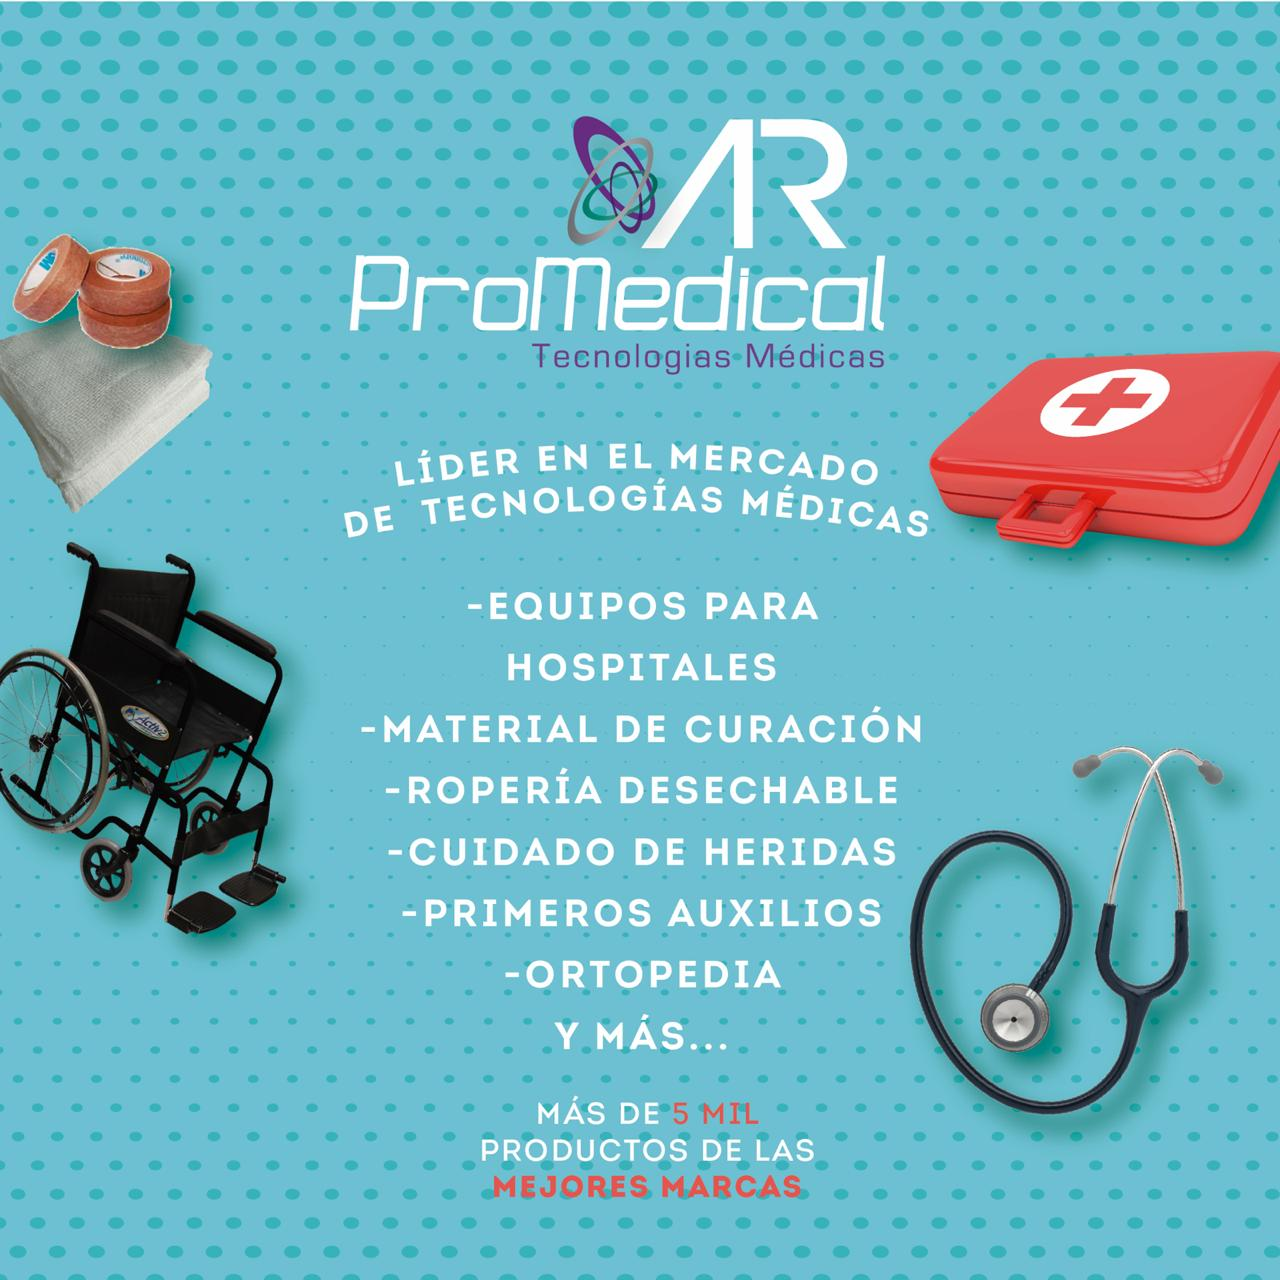 PRO-MEDICAL AR SA DE CV